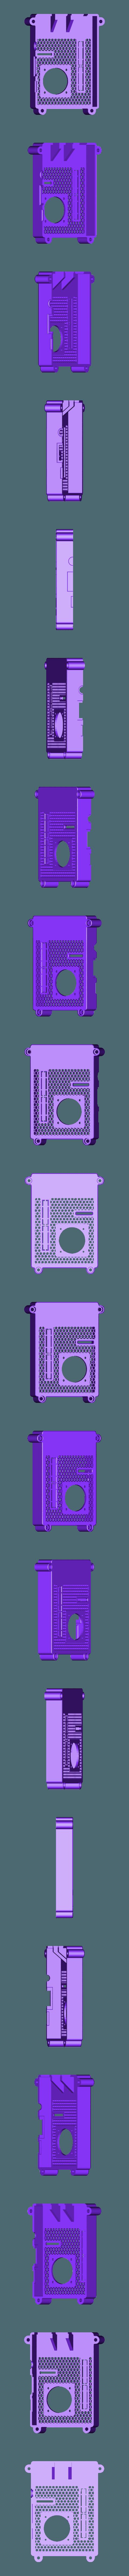 RTS-COVER-30FAN.STL Télécharger fichier STL gratuit Raspberry Pi Étui officiel pour écran tactile Raspberry Pi • Modèle pour imprimante 3D, mkellsy